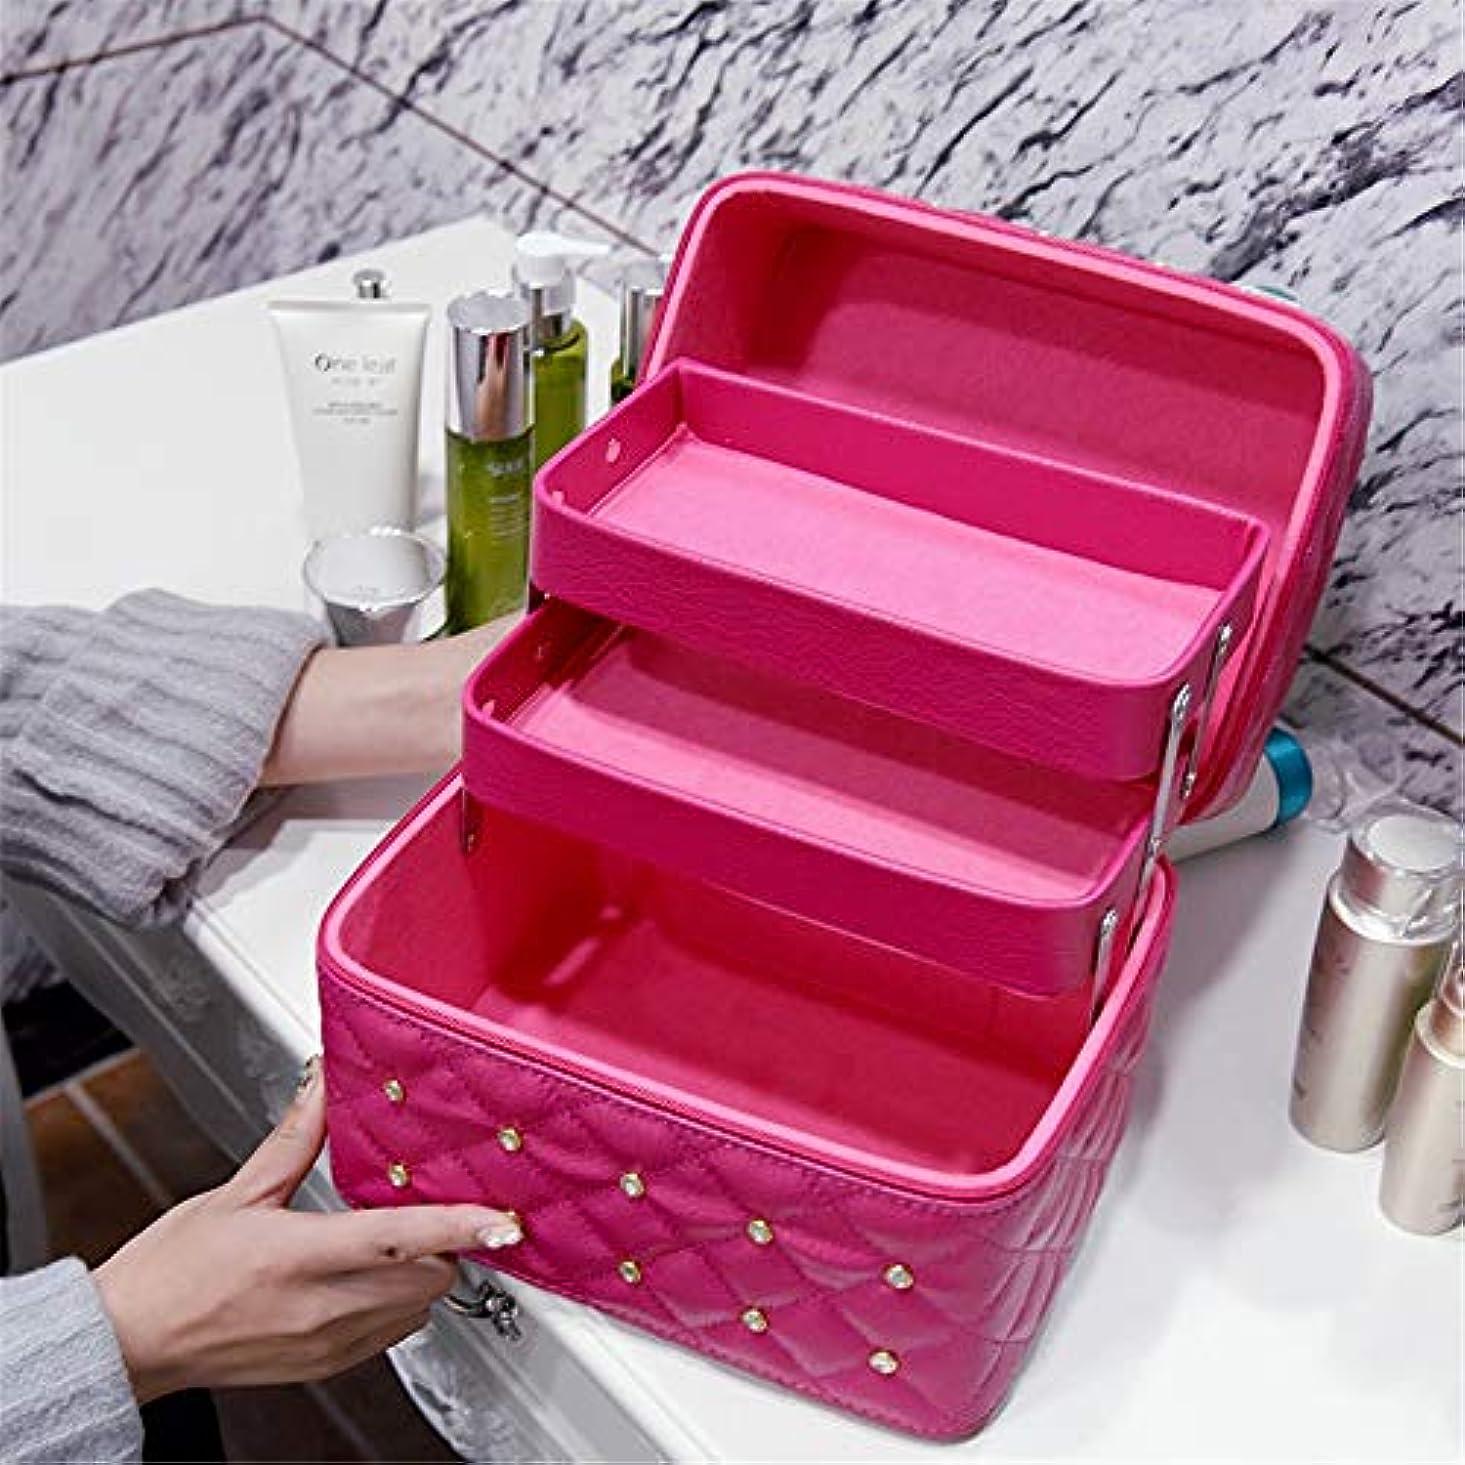 専門サリー早める化粧オーガナイザーバッグ メイクアップトラベルバッグPUレター防水化粧ケースティーン女の子の女性のアーティストのための 化粧品ケース